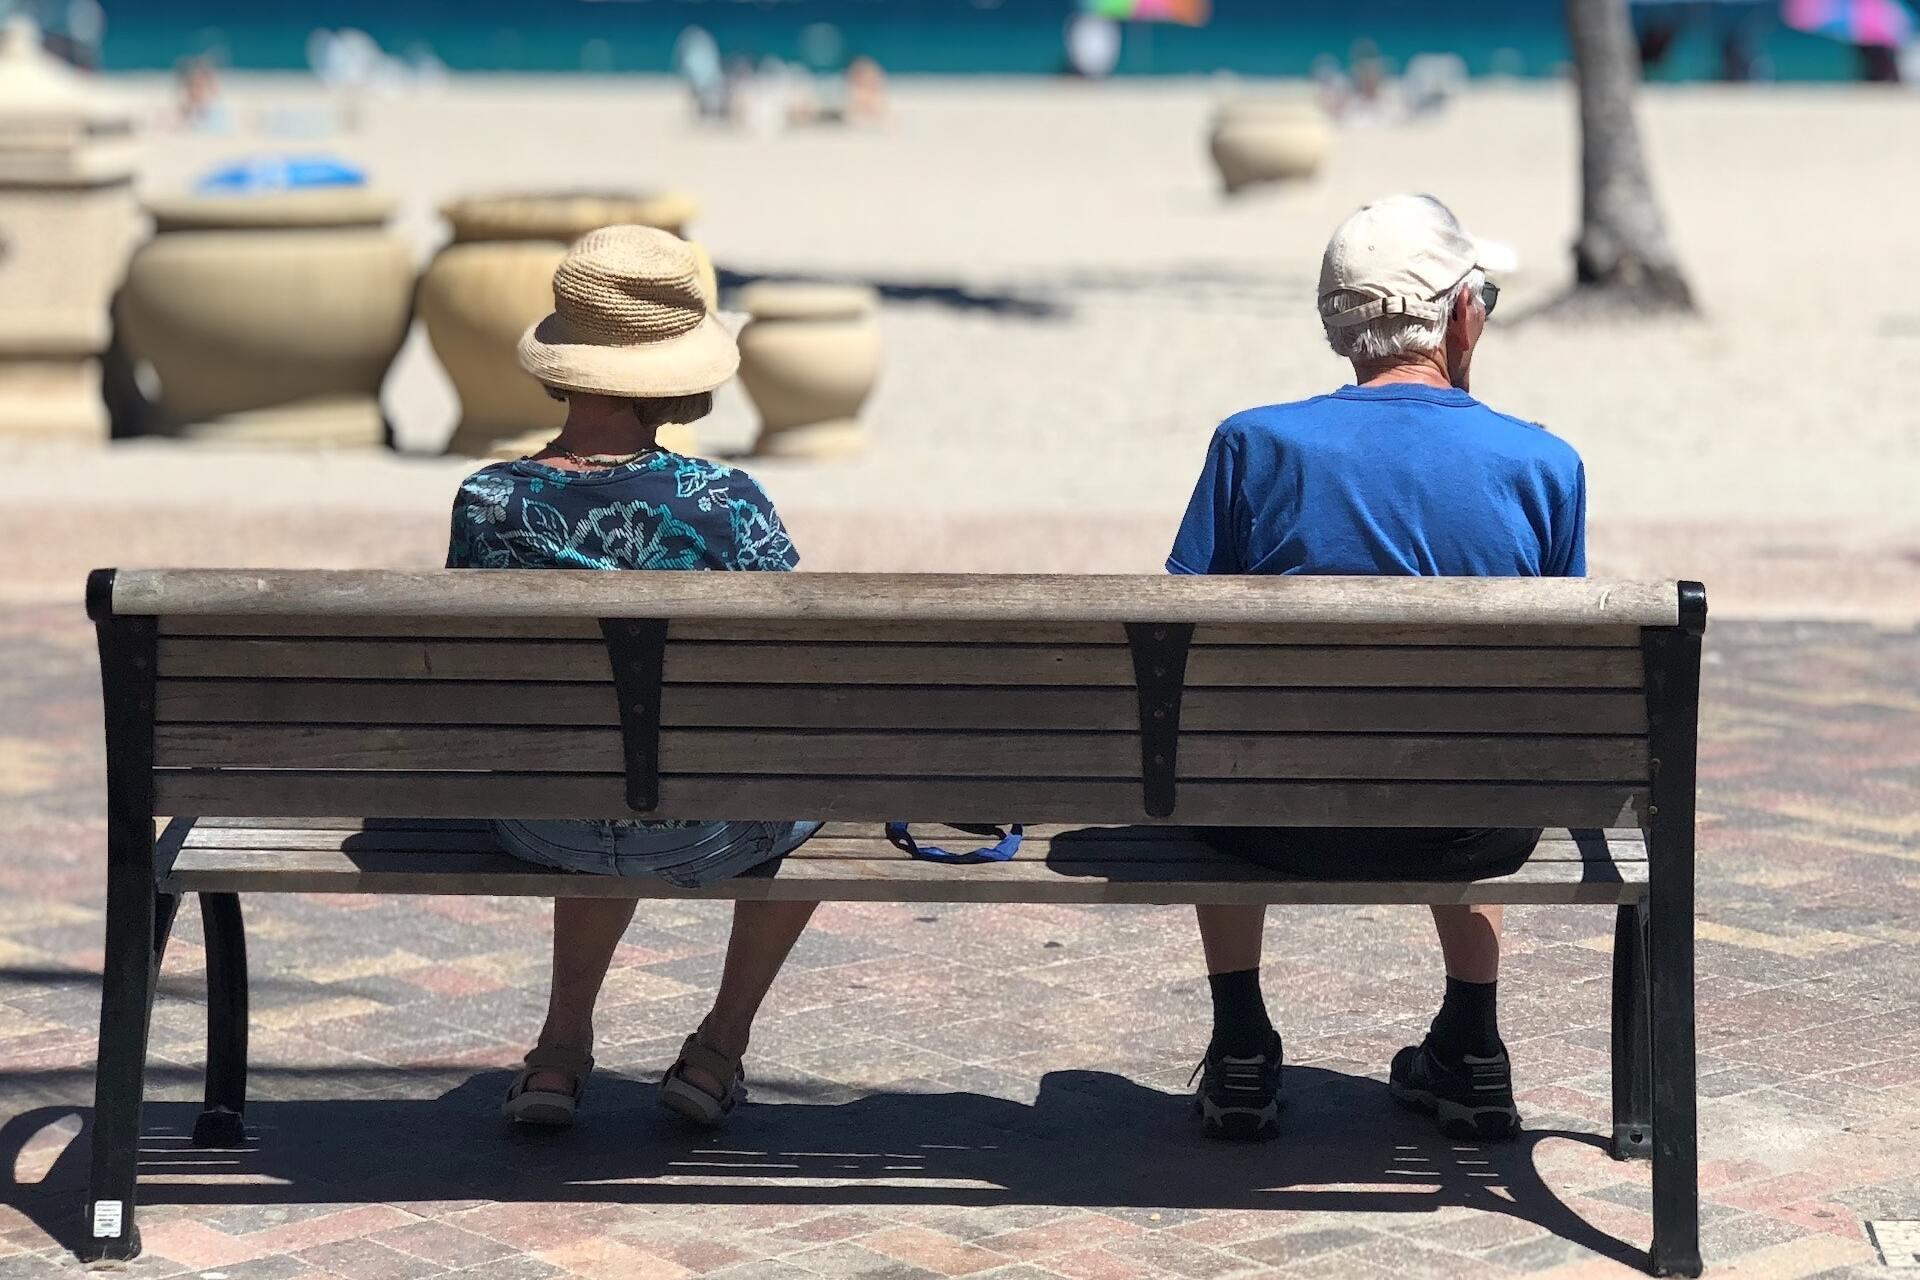 Le Belge a peu confiance dans la politique de pension, mais il manque aussi de connaissances sur la planification de la retraite